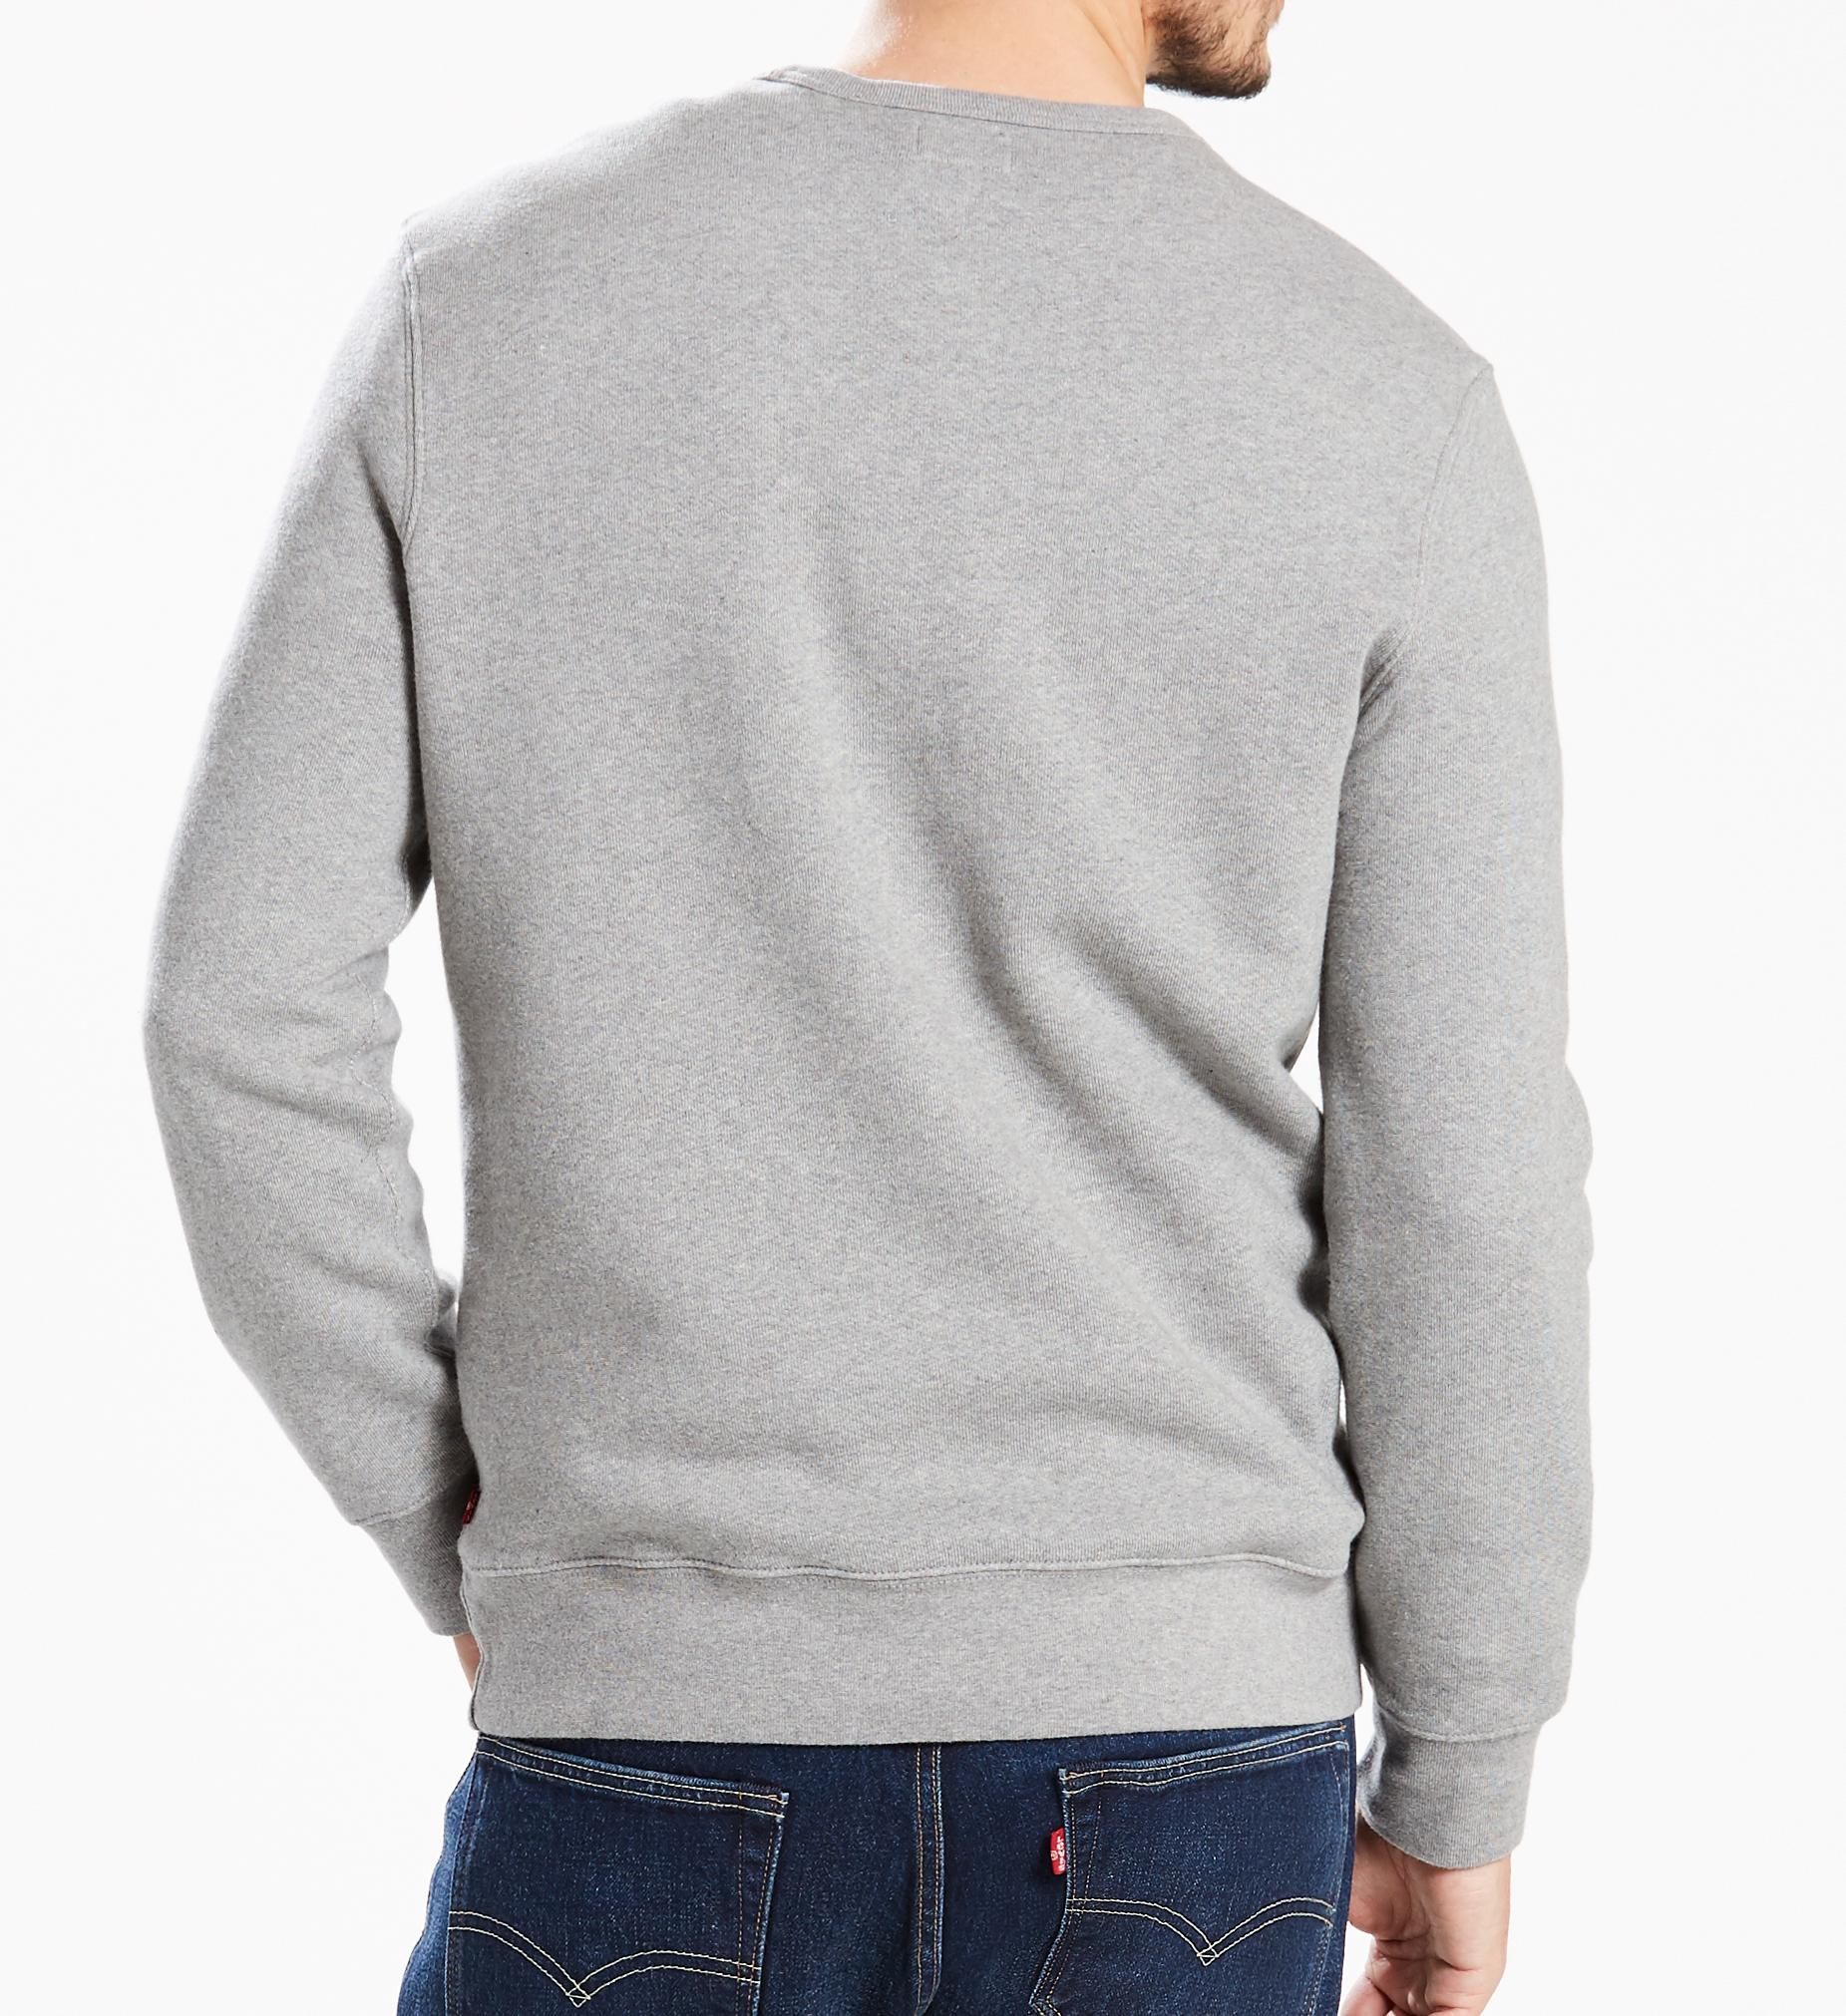 LEVIS Sweater Rundhals Pullover 17895-0030 grau W18-LVP1